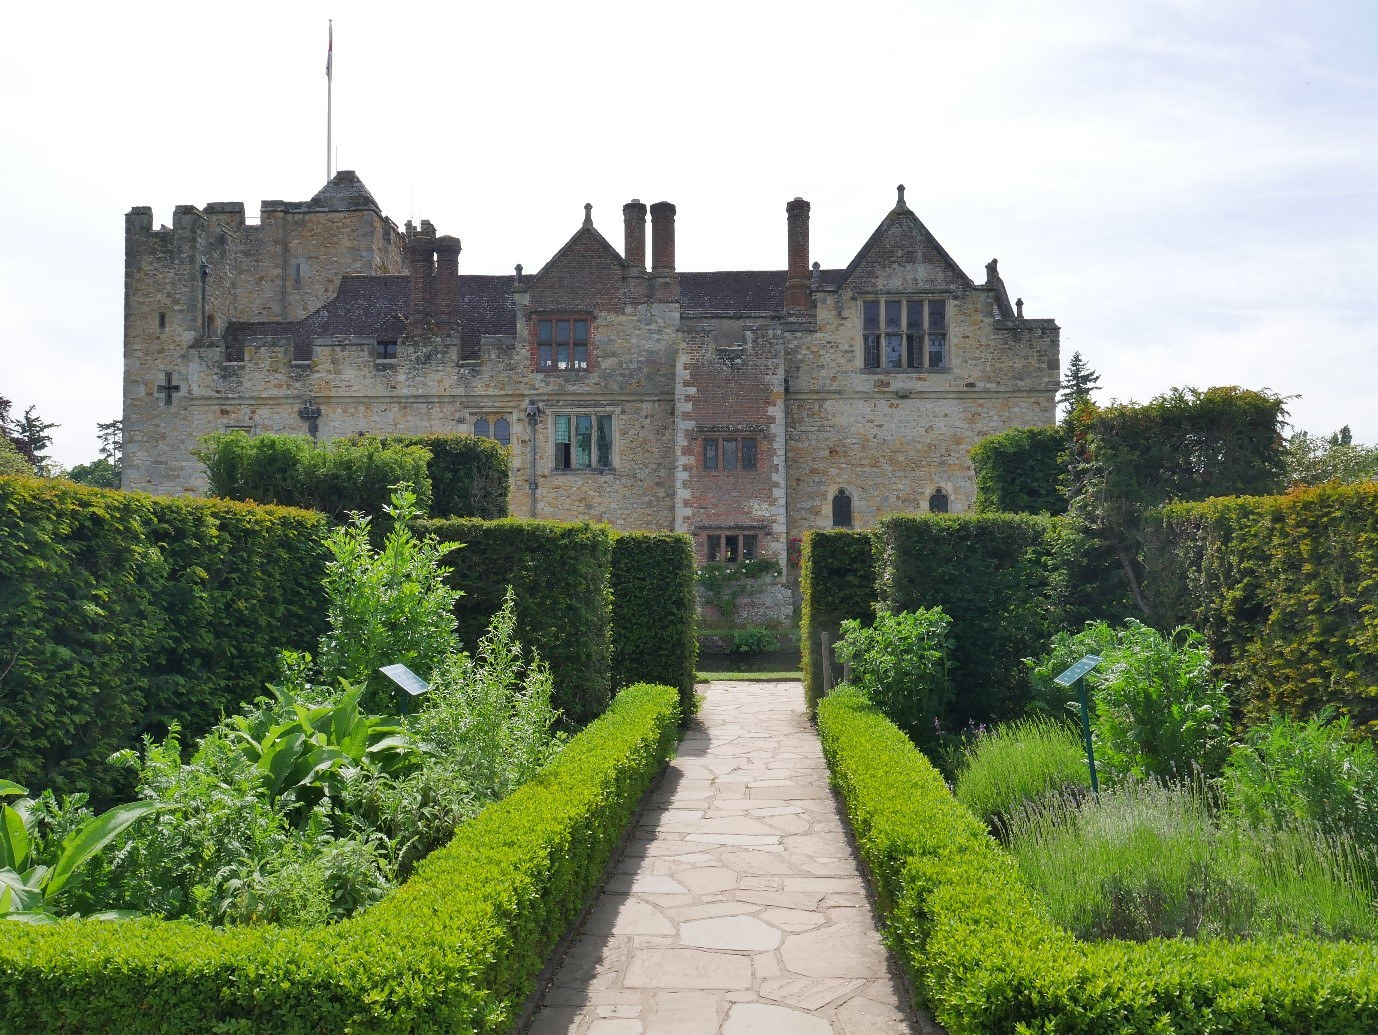 The East Range And Herb Garden Hever Castle © Tudor Times Ltd 2019